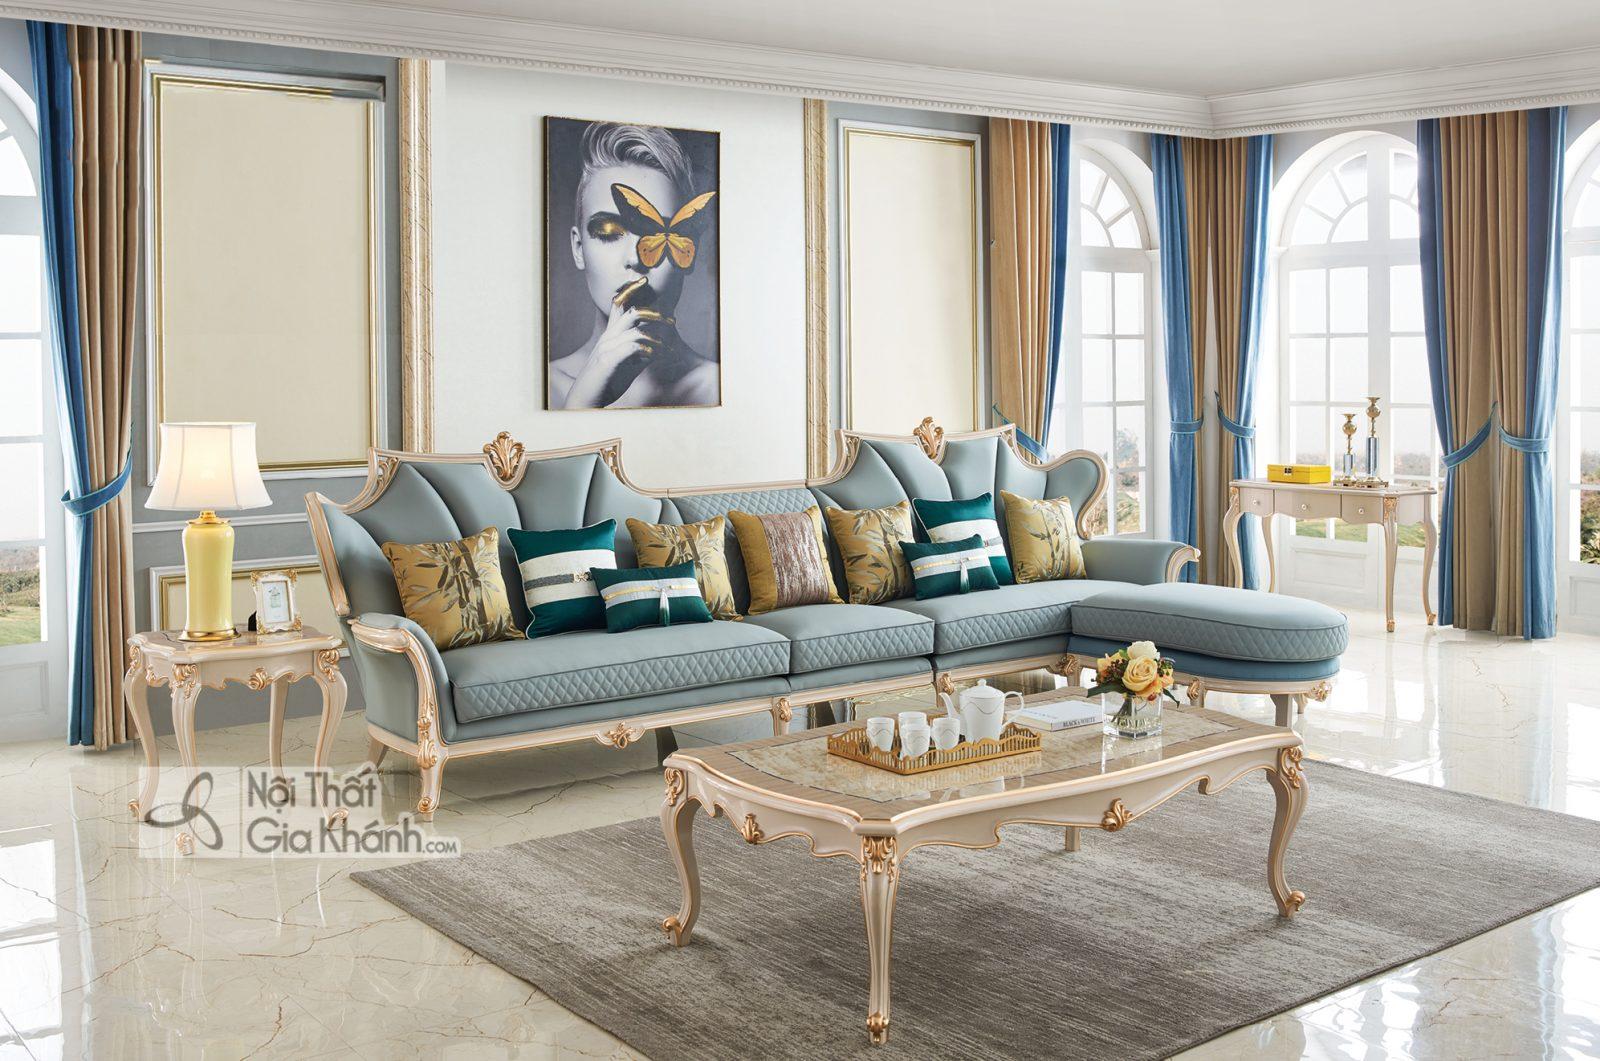 Bộ sofa Luxury SG9808H phong cách sang trọng đẳng cấp